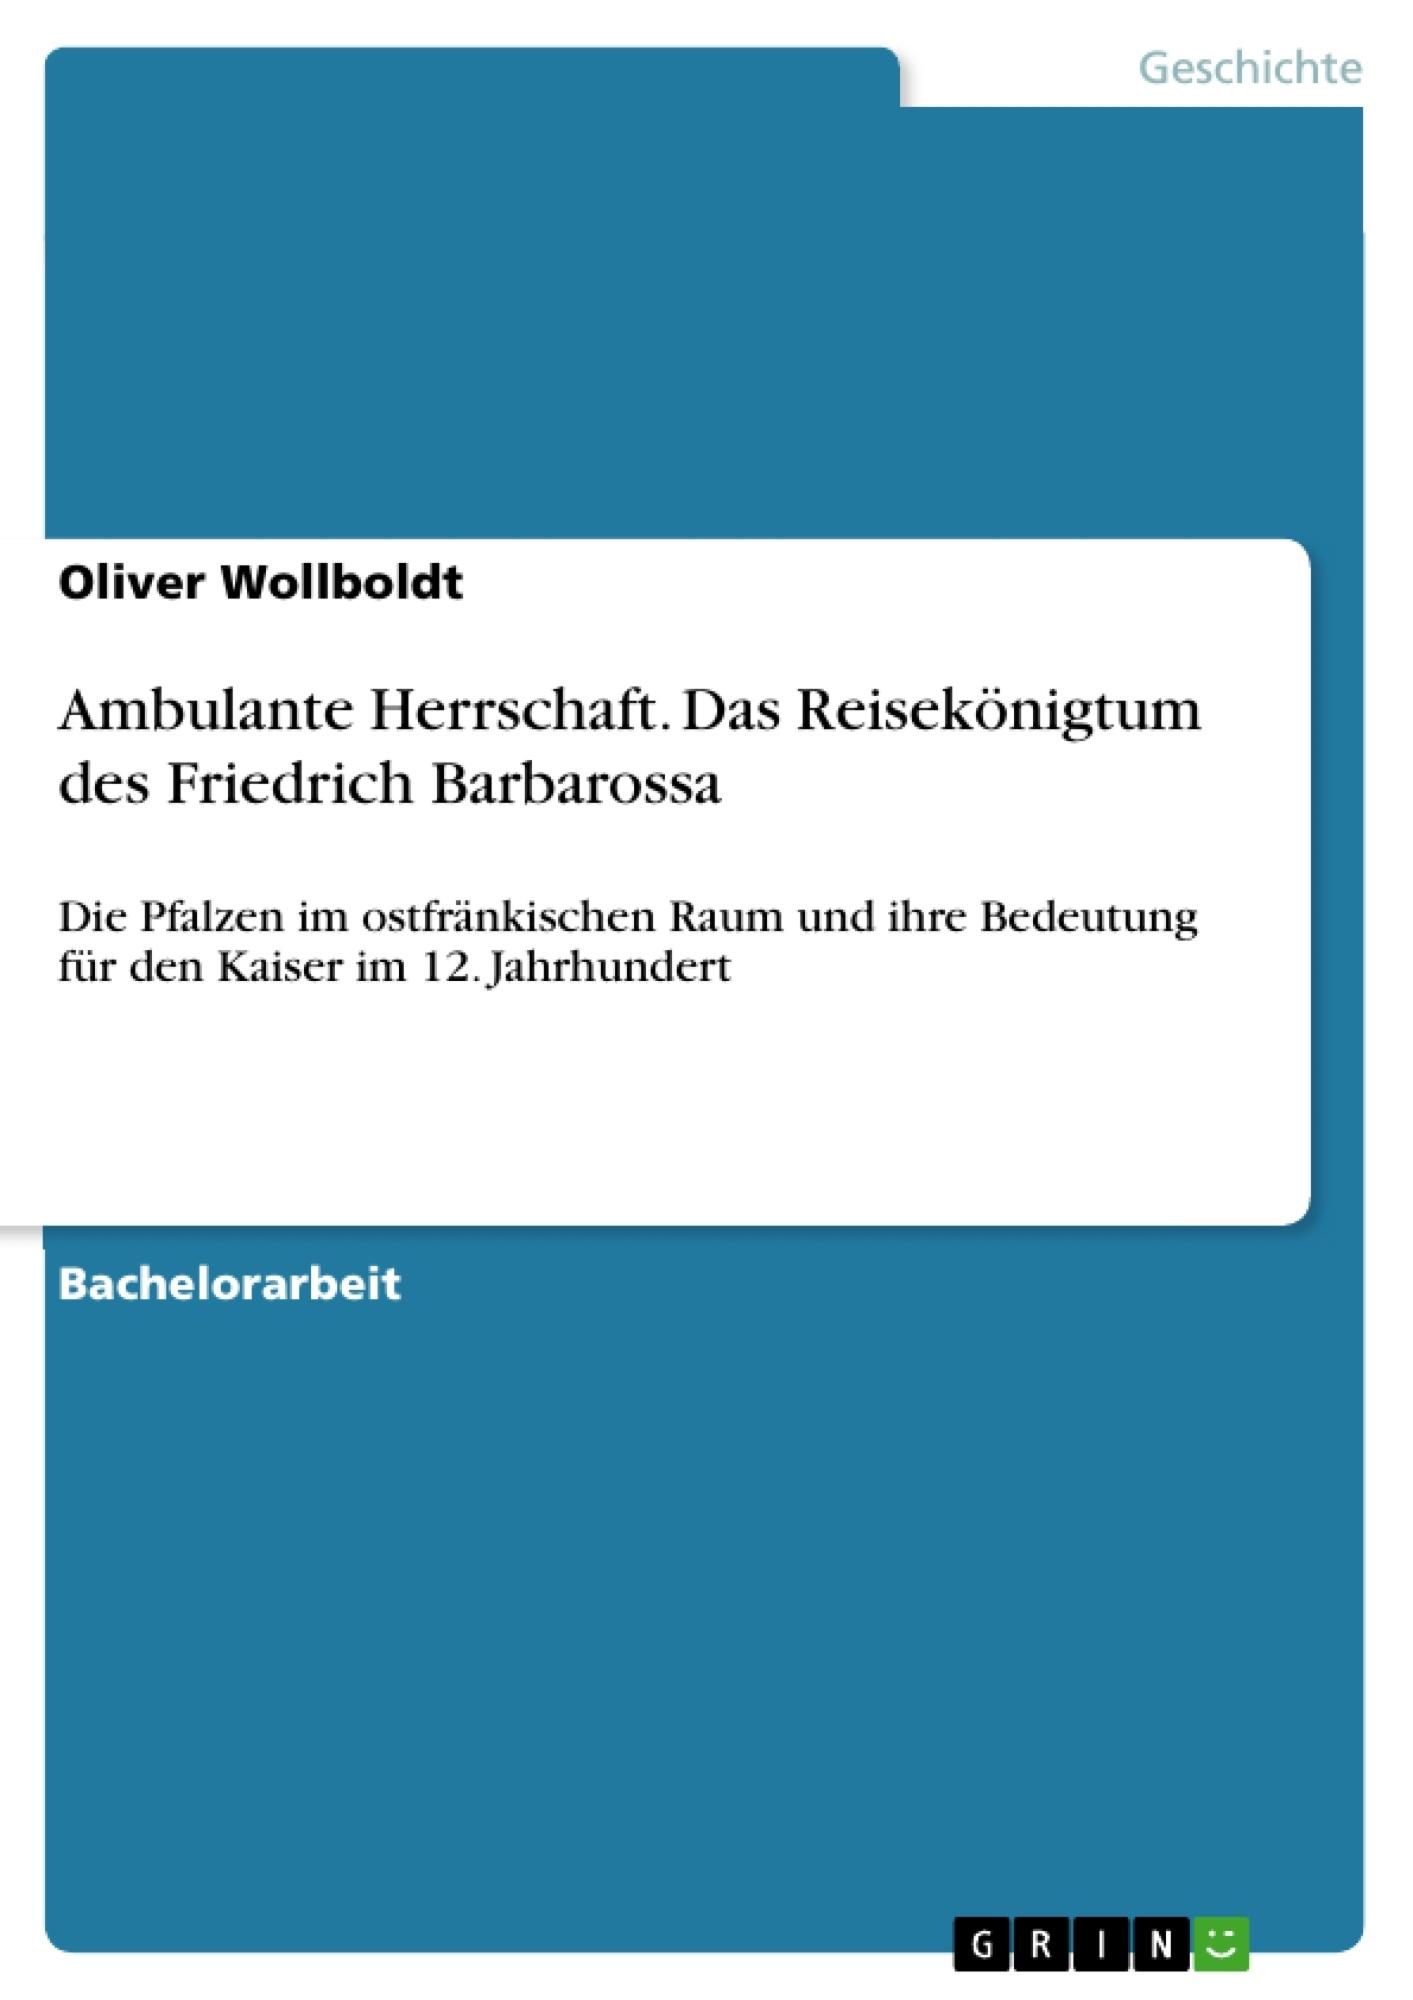 Titel: Ambulante Herrschaft. Das Reisekönigtum des Friedrich Barbarossa